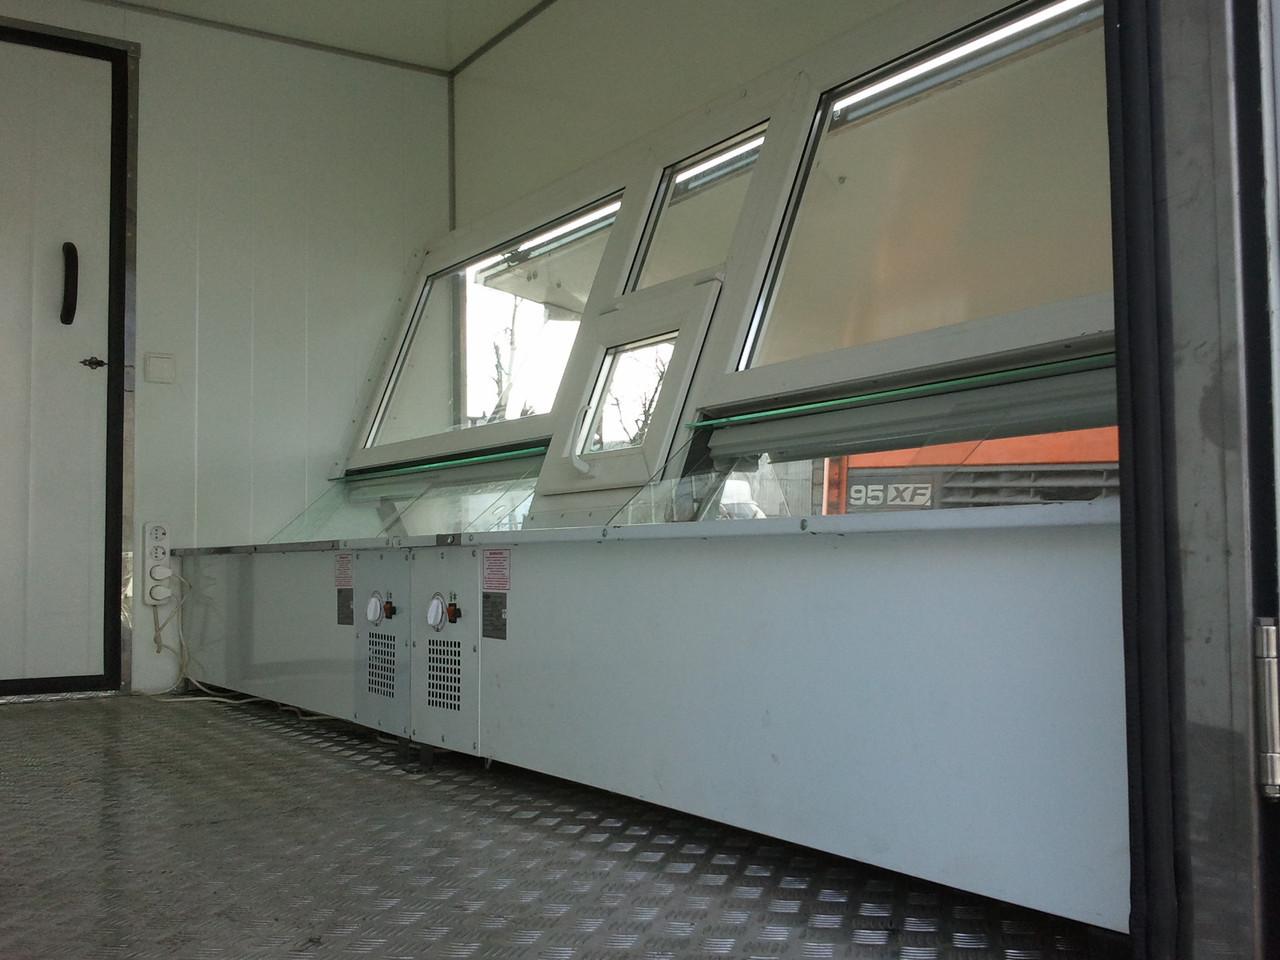 Изготовление фургона для выездной торговли (автолавки) на базе автомобиля ГАЗ